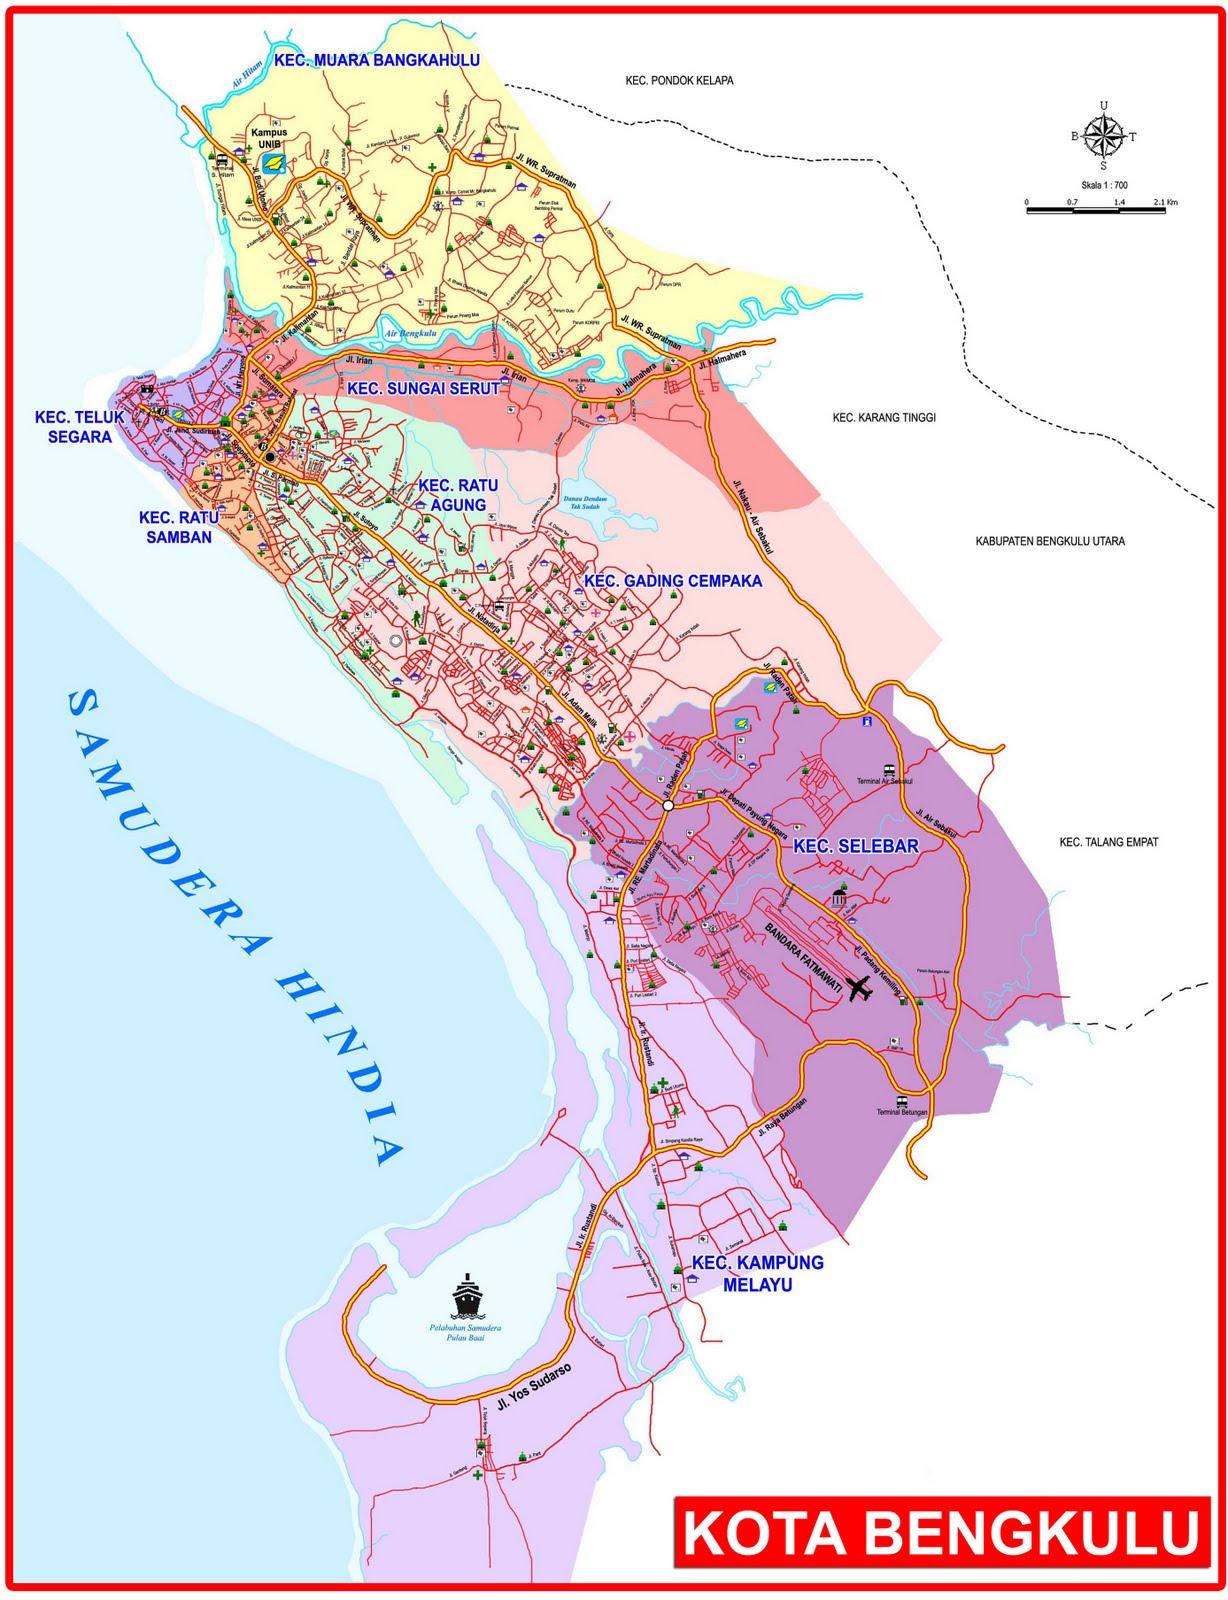 Peta Kota: Peta Kota Bengkulu